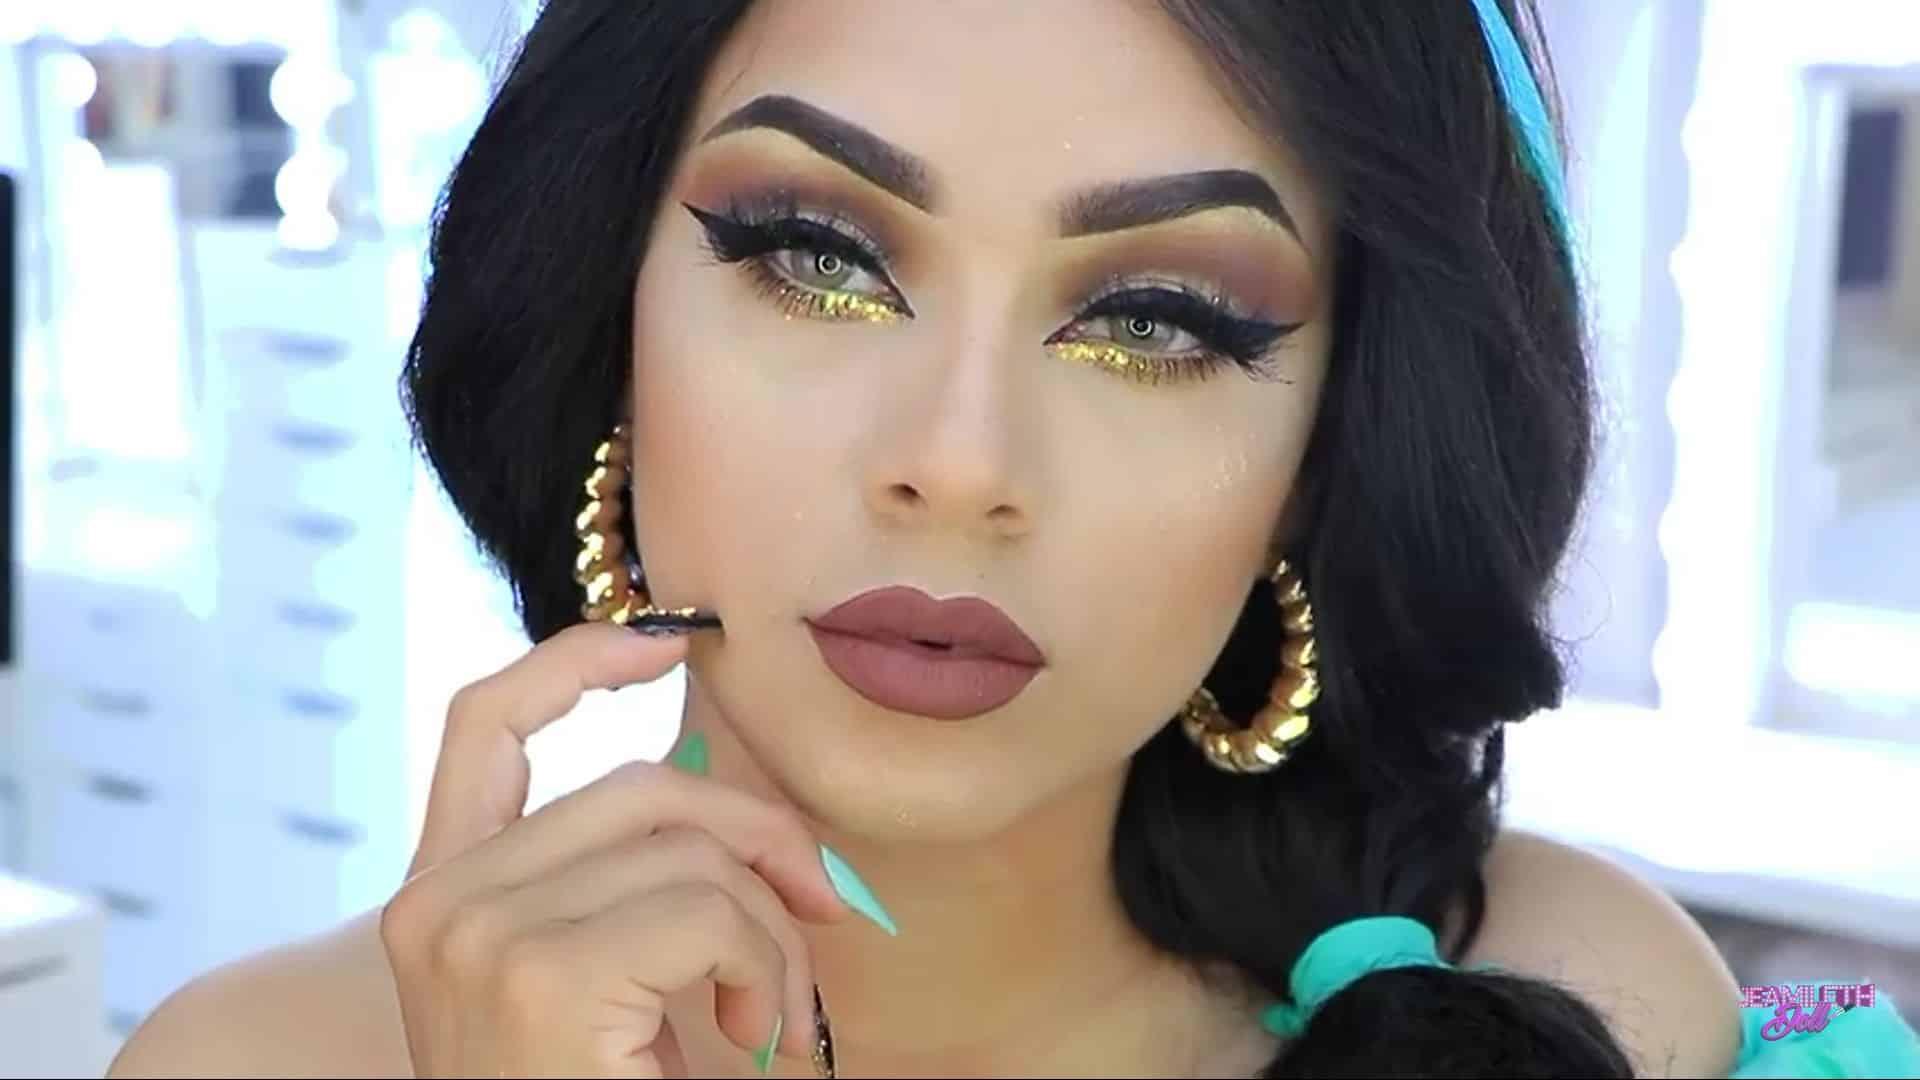 Maquillate como Jasmine facil y rapido Jeamileth Doll 2020, resultado final primer plano